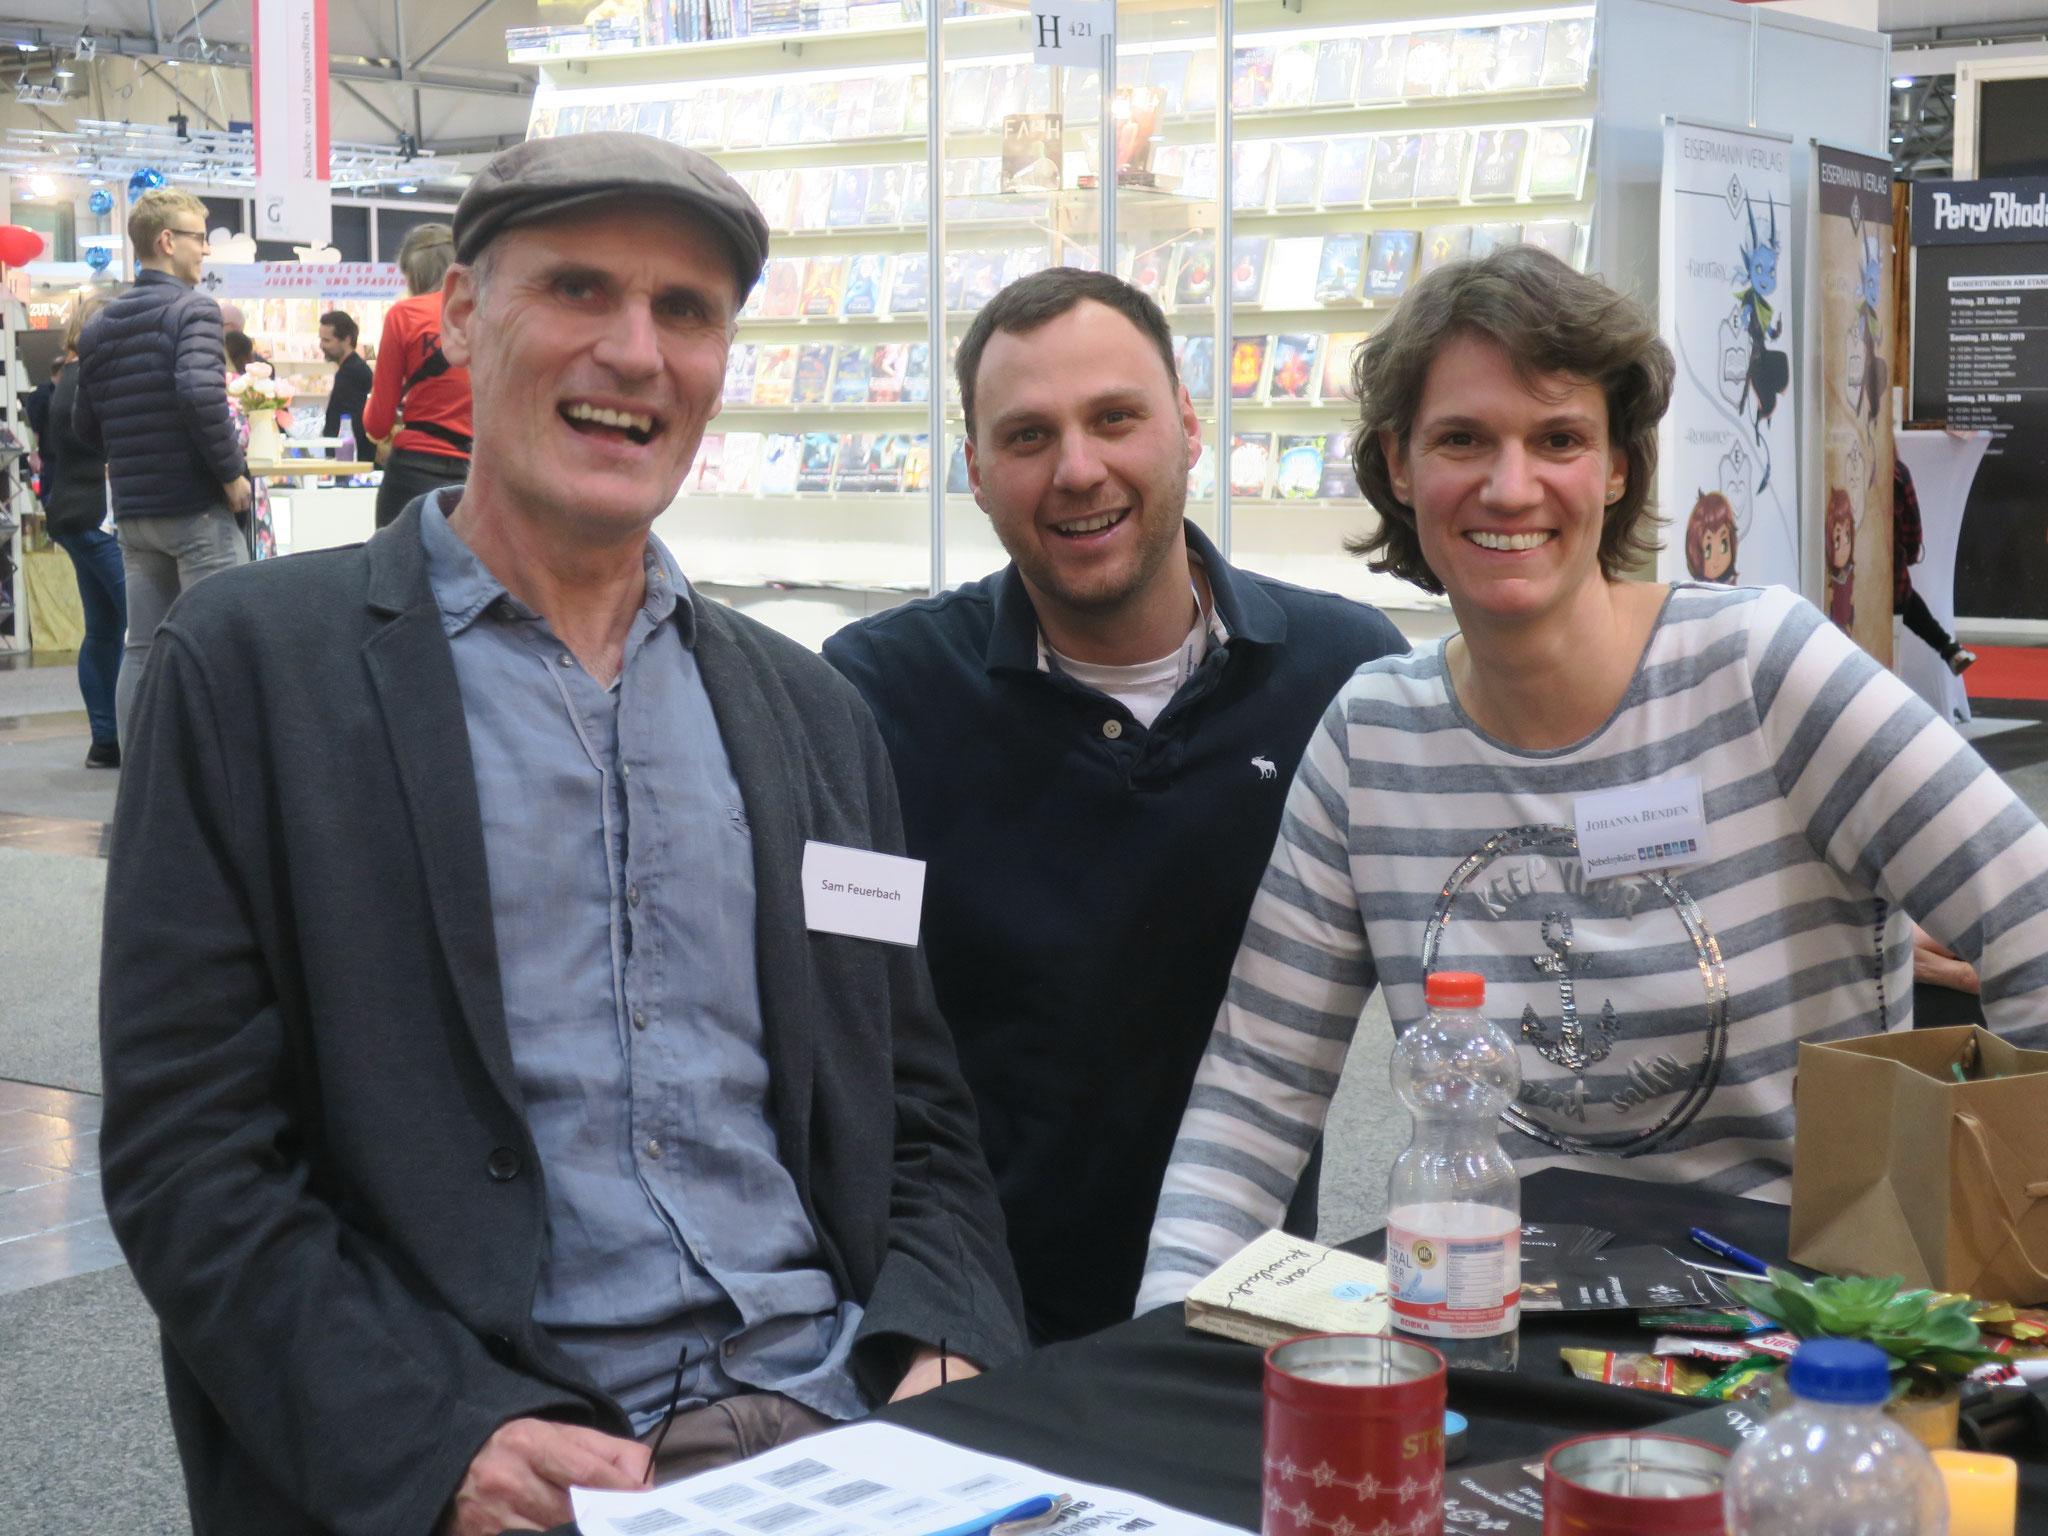 Sam mit Greg und Johanna Benden